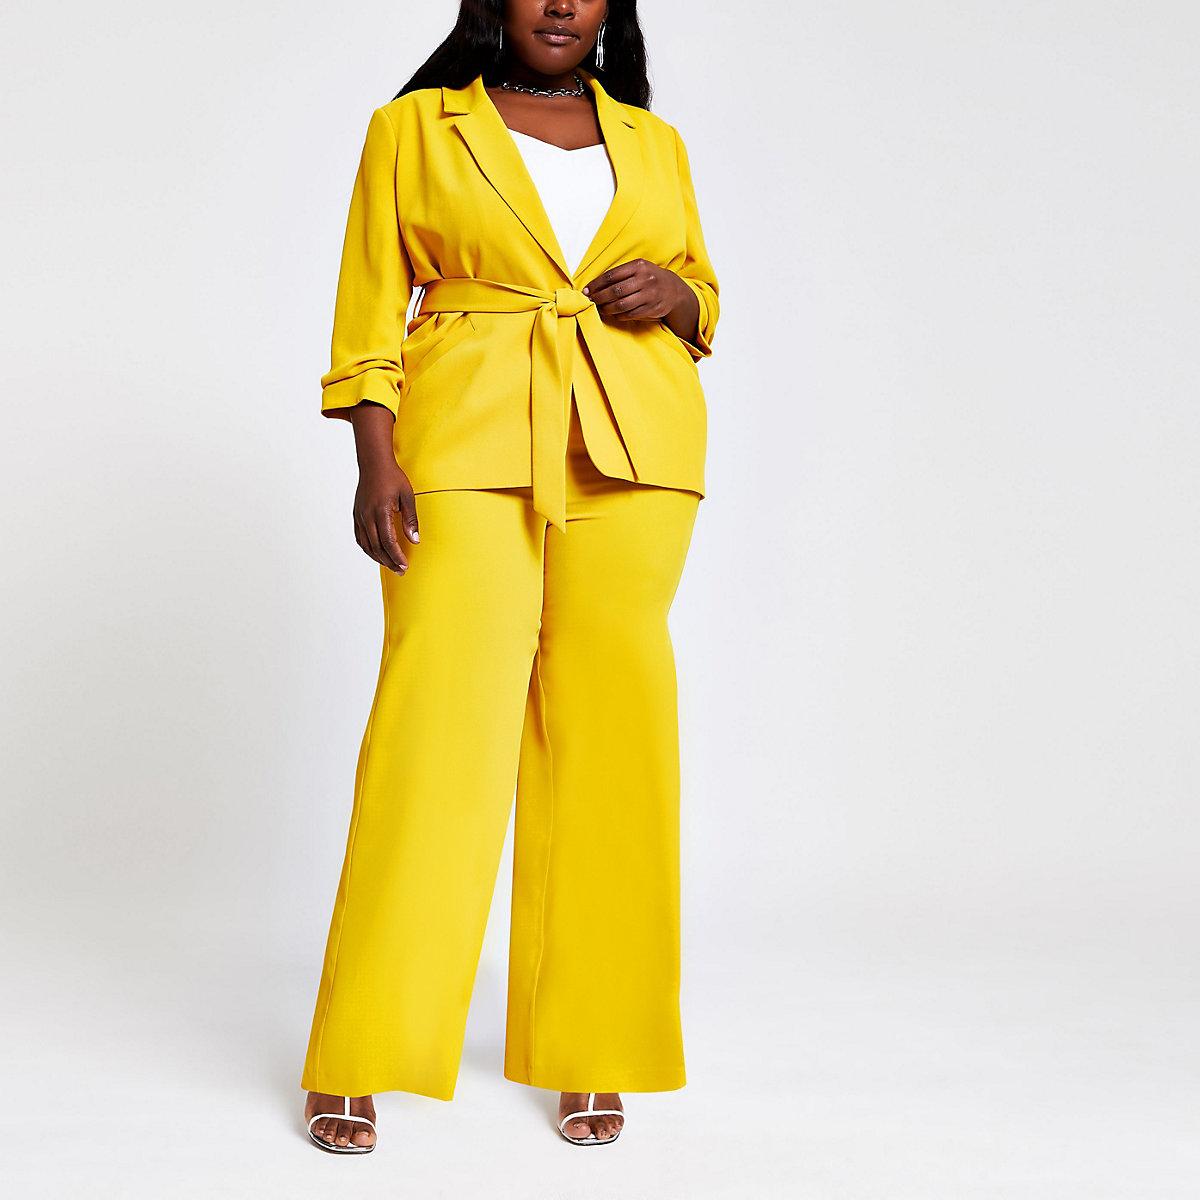 5e31ebf1411 Plus yellow wide leg pants - Wide Leg Pants - Pants - women